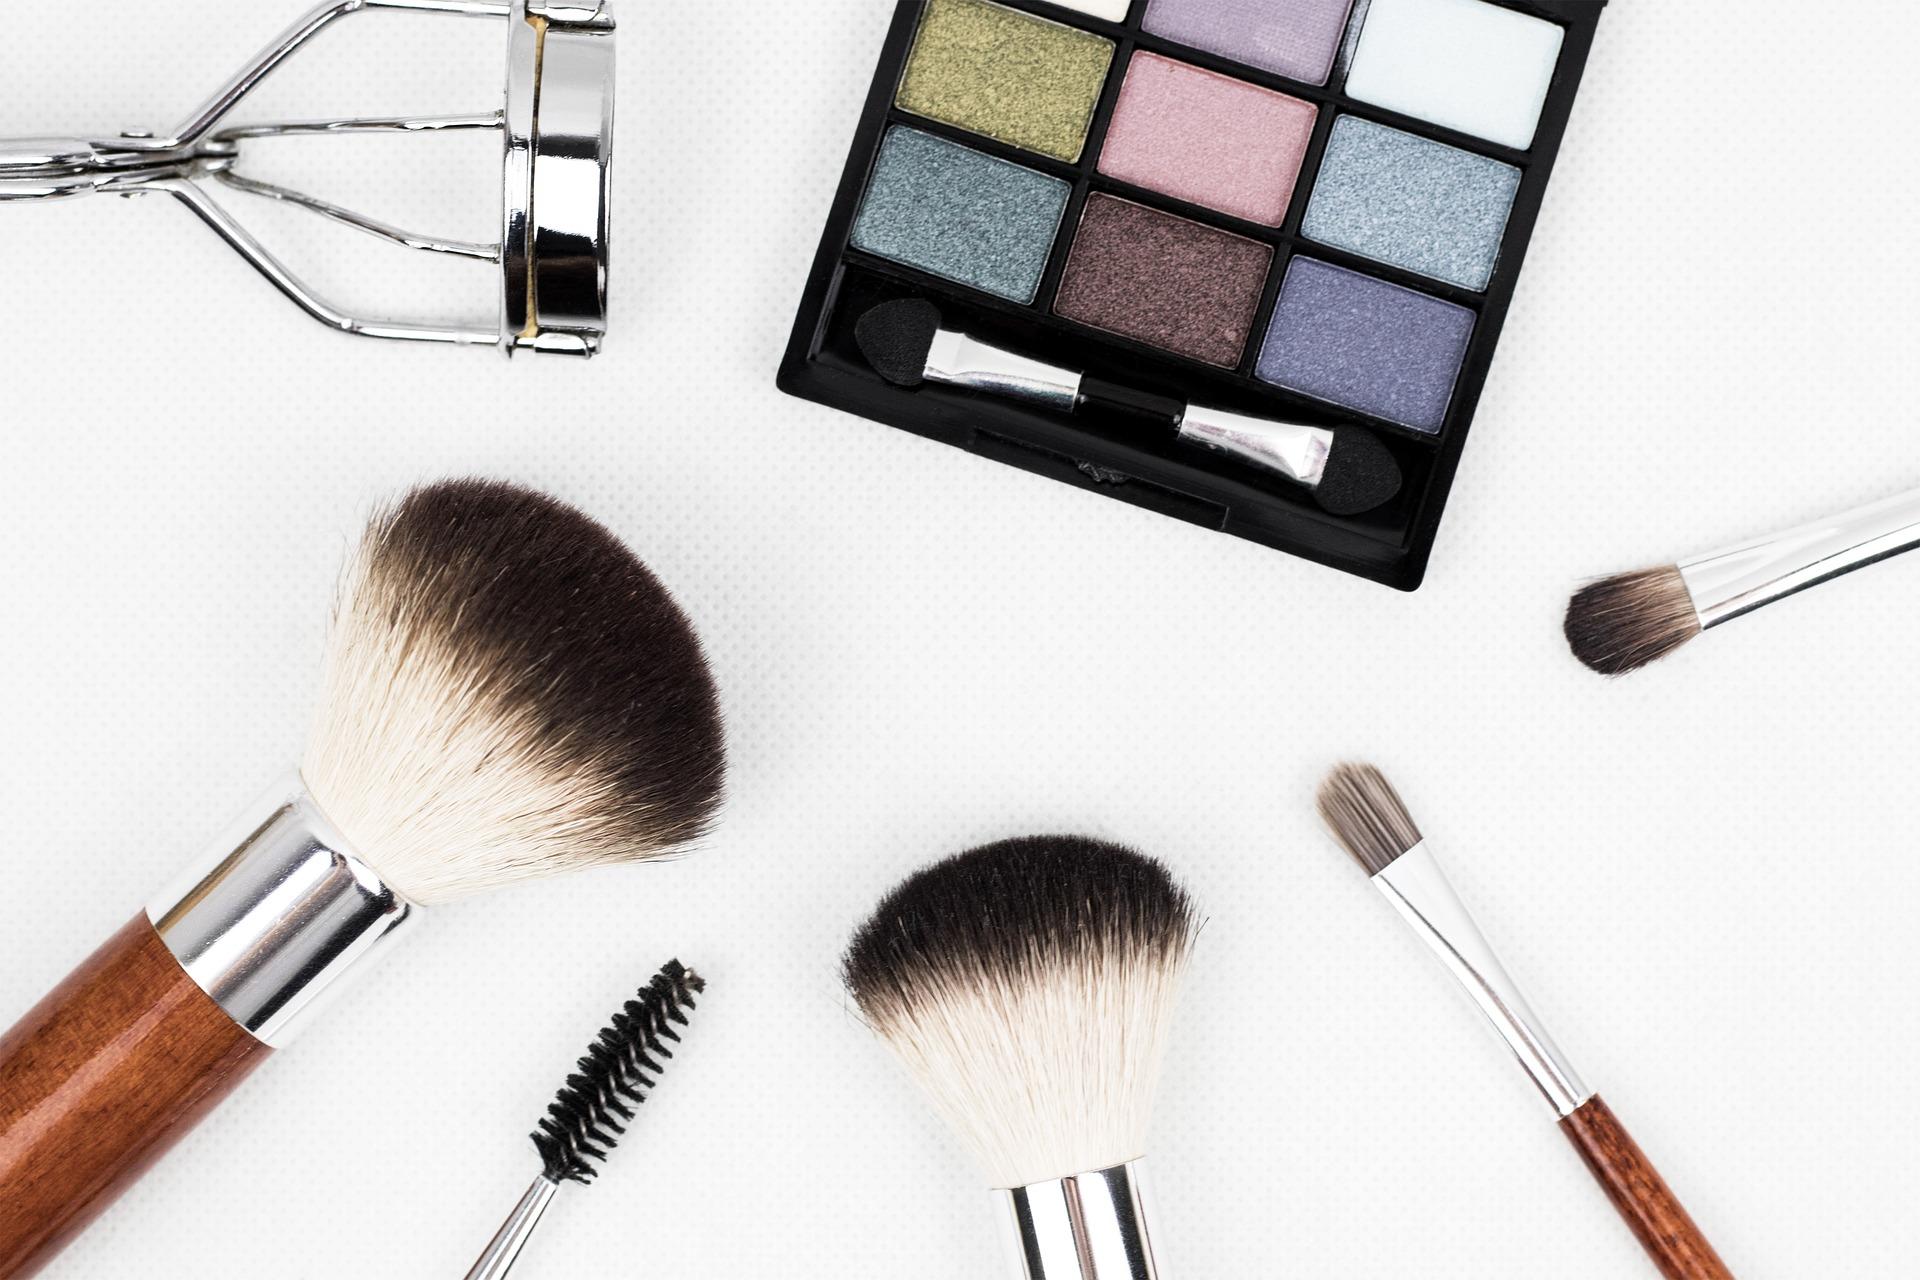 コスメ・化粧品オウンドメディアの成功事例が少ない理由